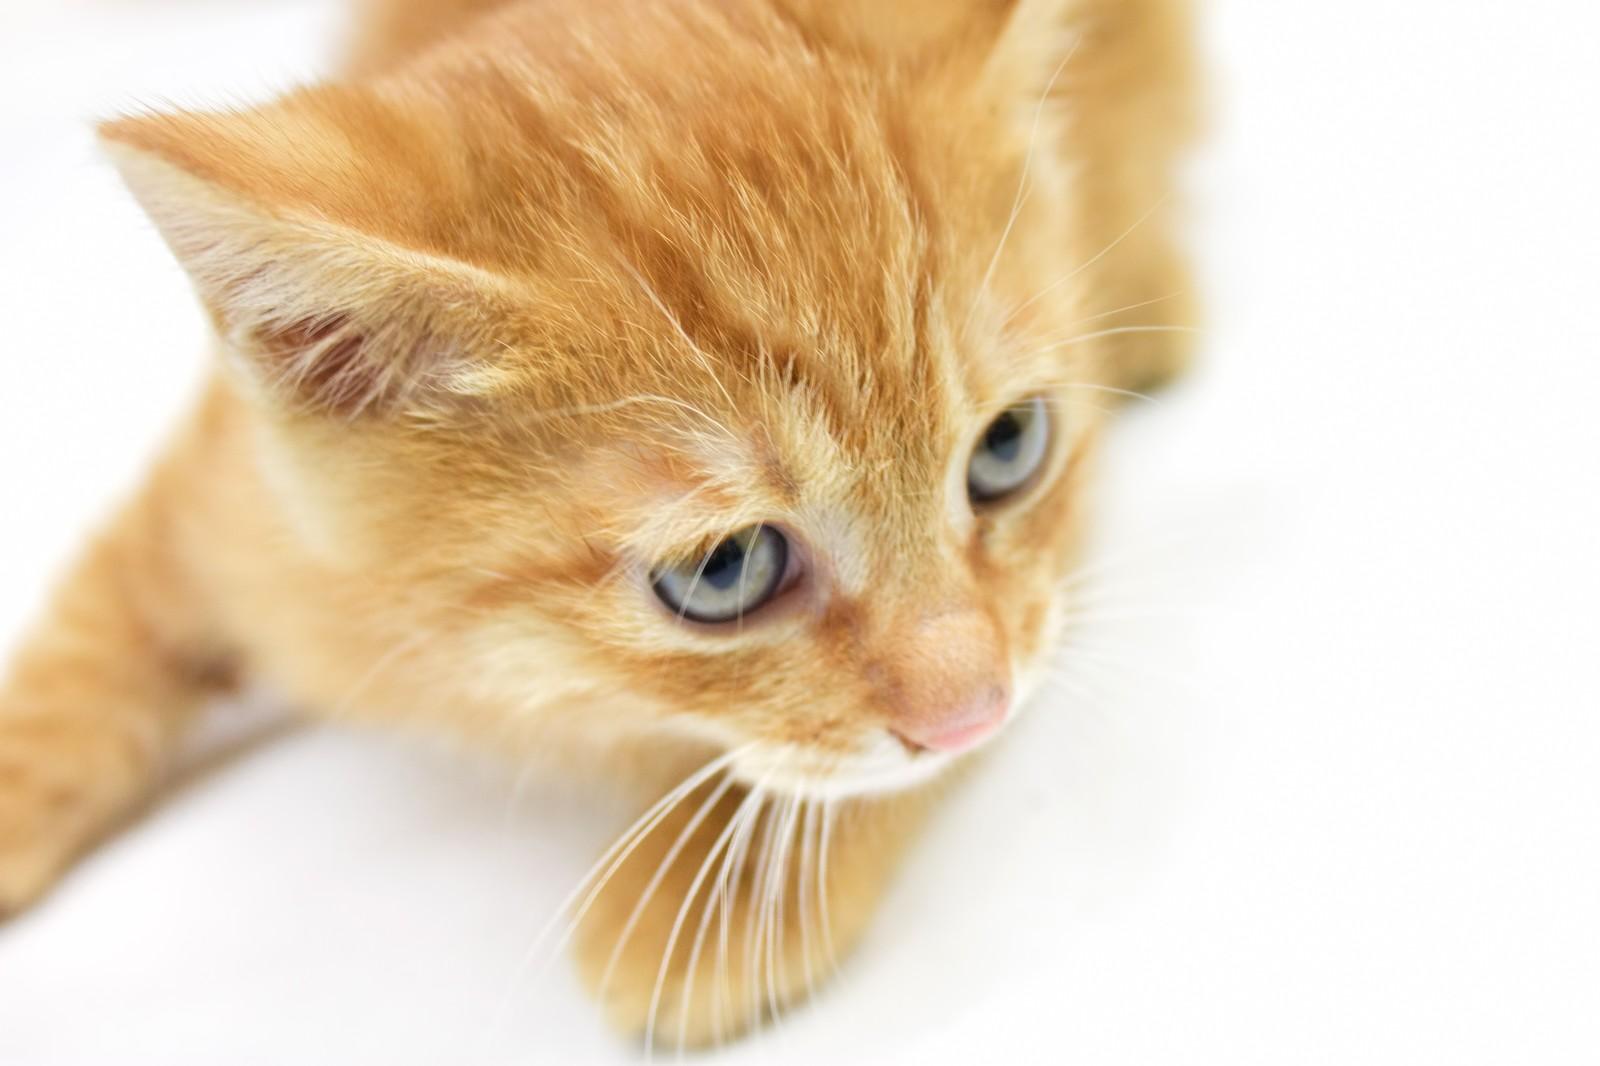 空前の猫ブーム!猫の多頭飼育崩壊はなぜ起こるのか?